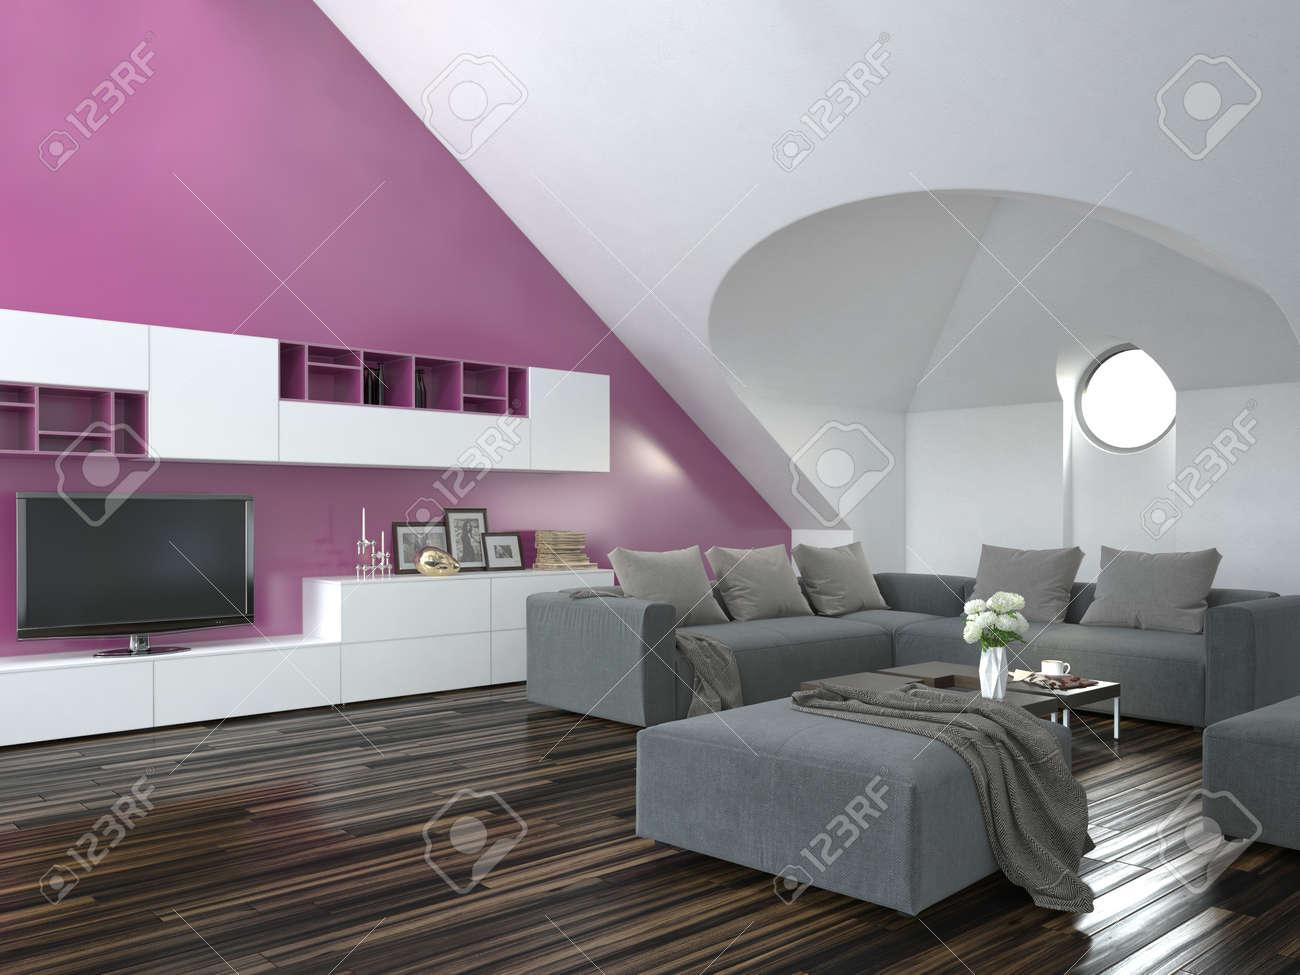 Moderne Loft Wohnzimmer Interieur Mit Einer Schrgen Decke Und